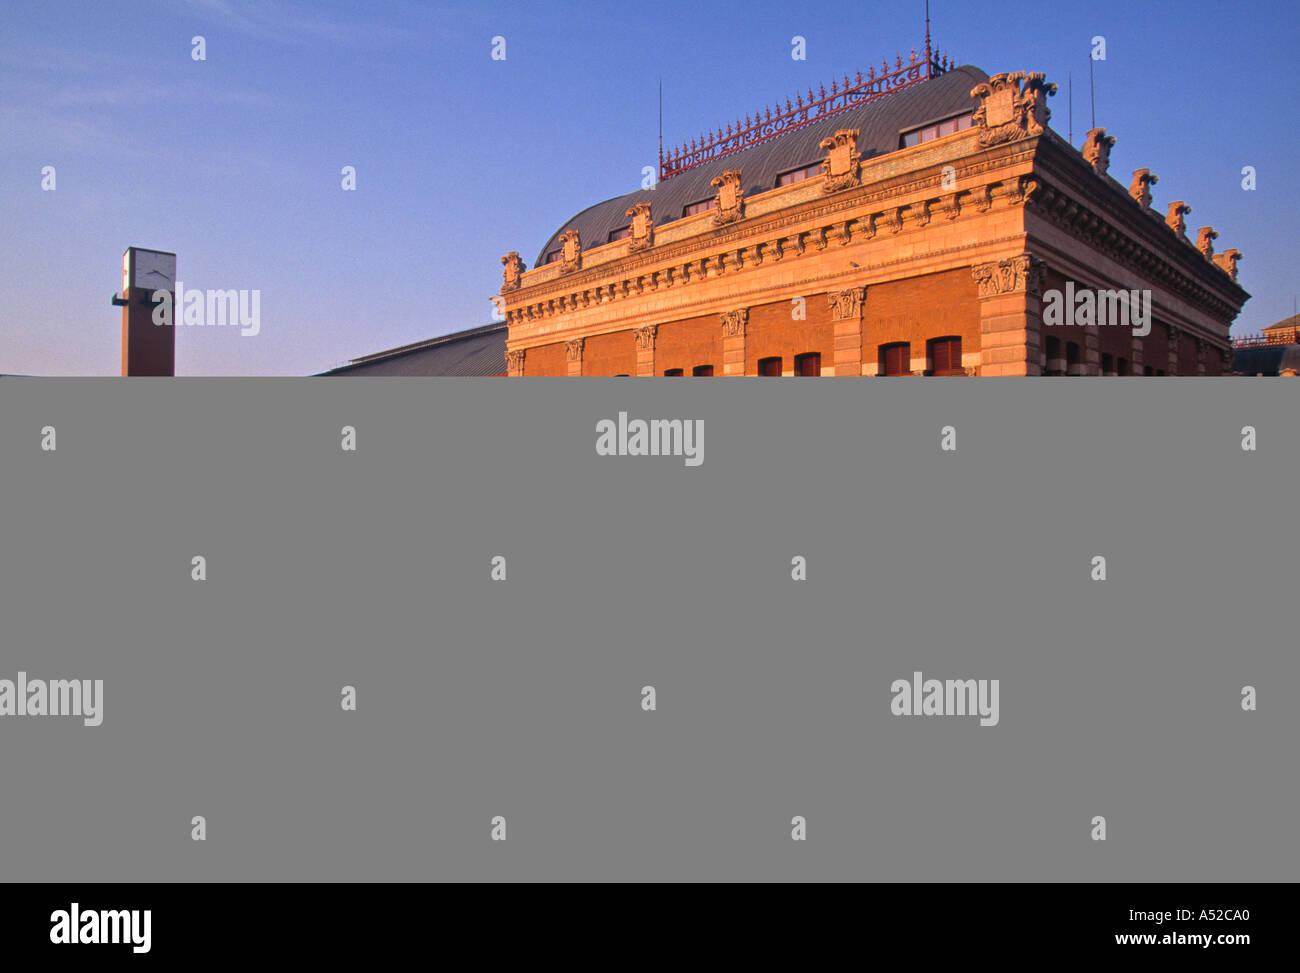 Bahnhof Atocha, Madrid, Spanien Stockbild